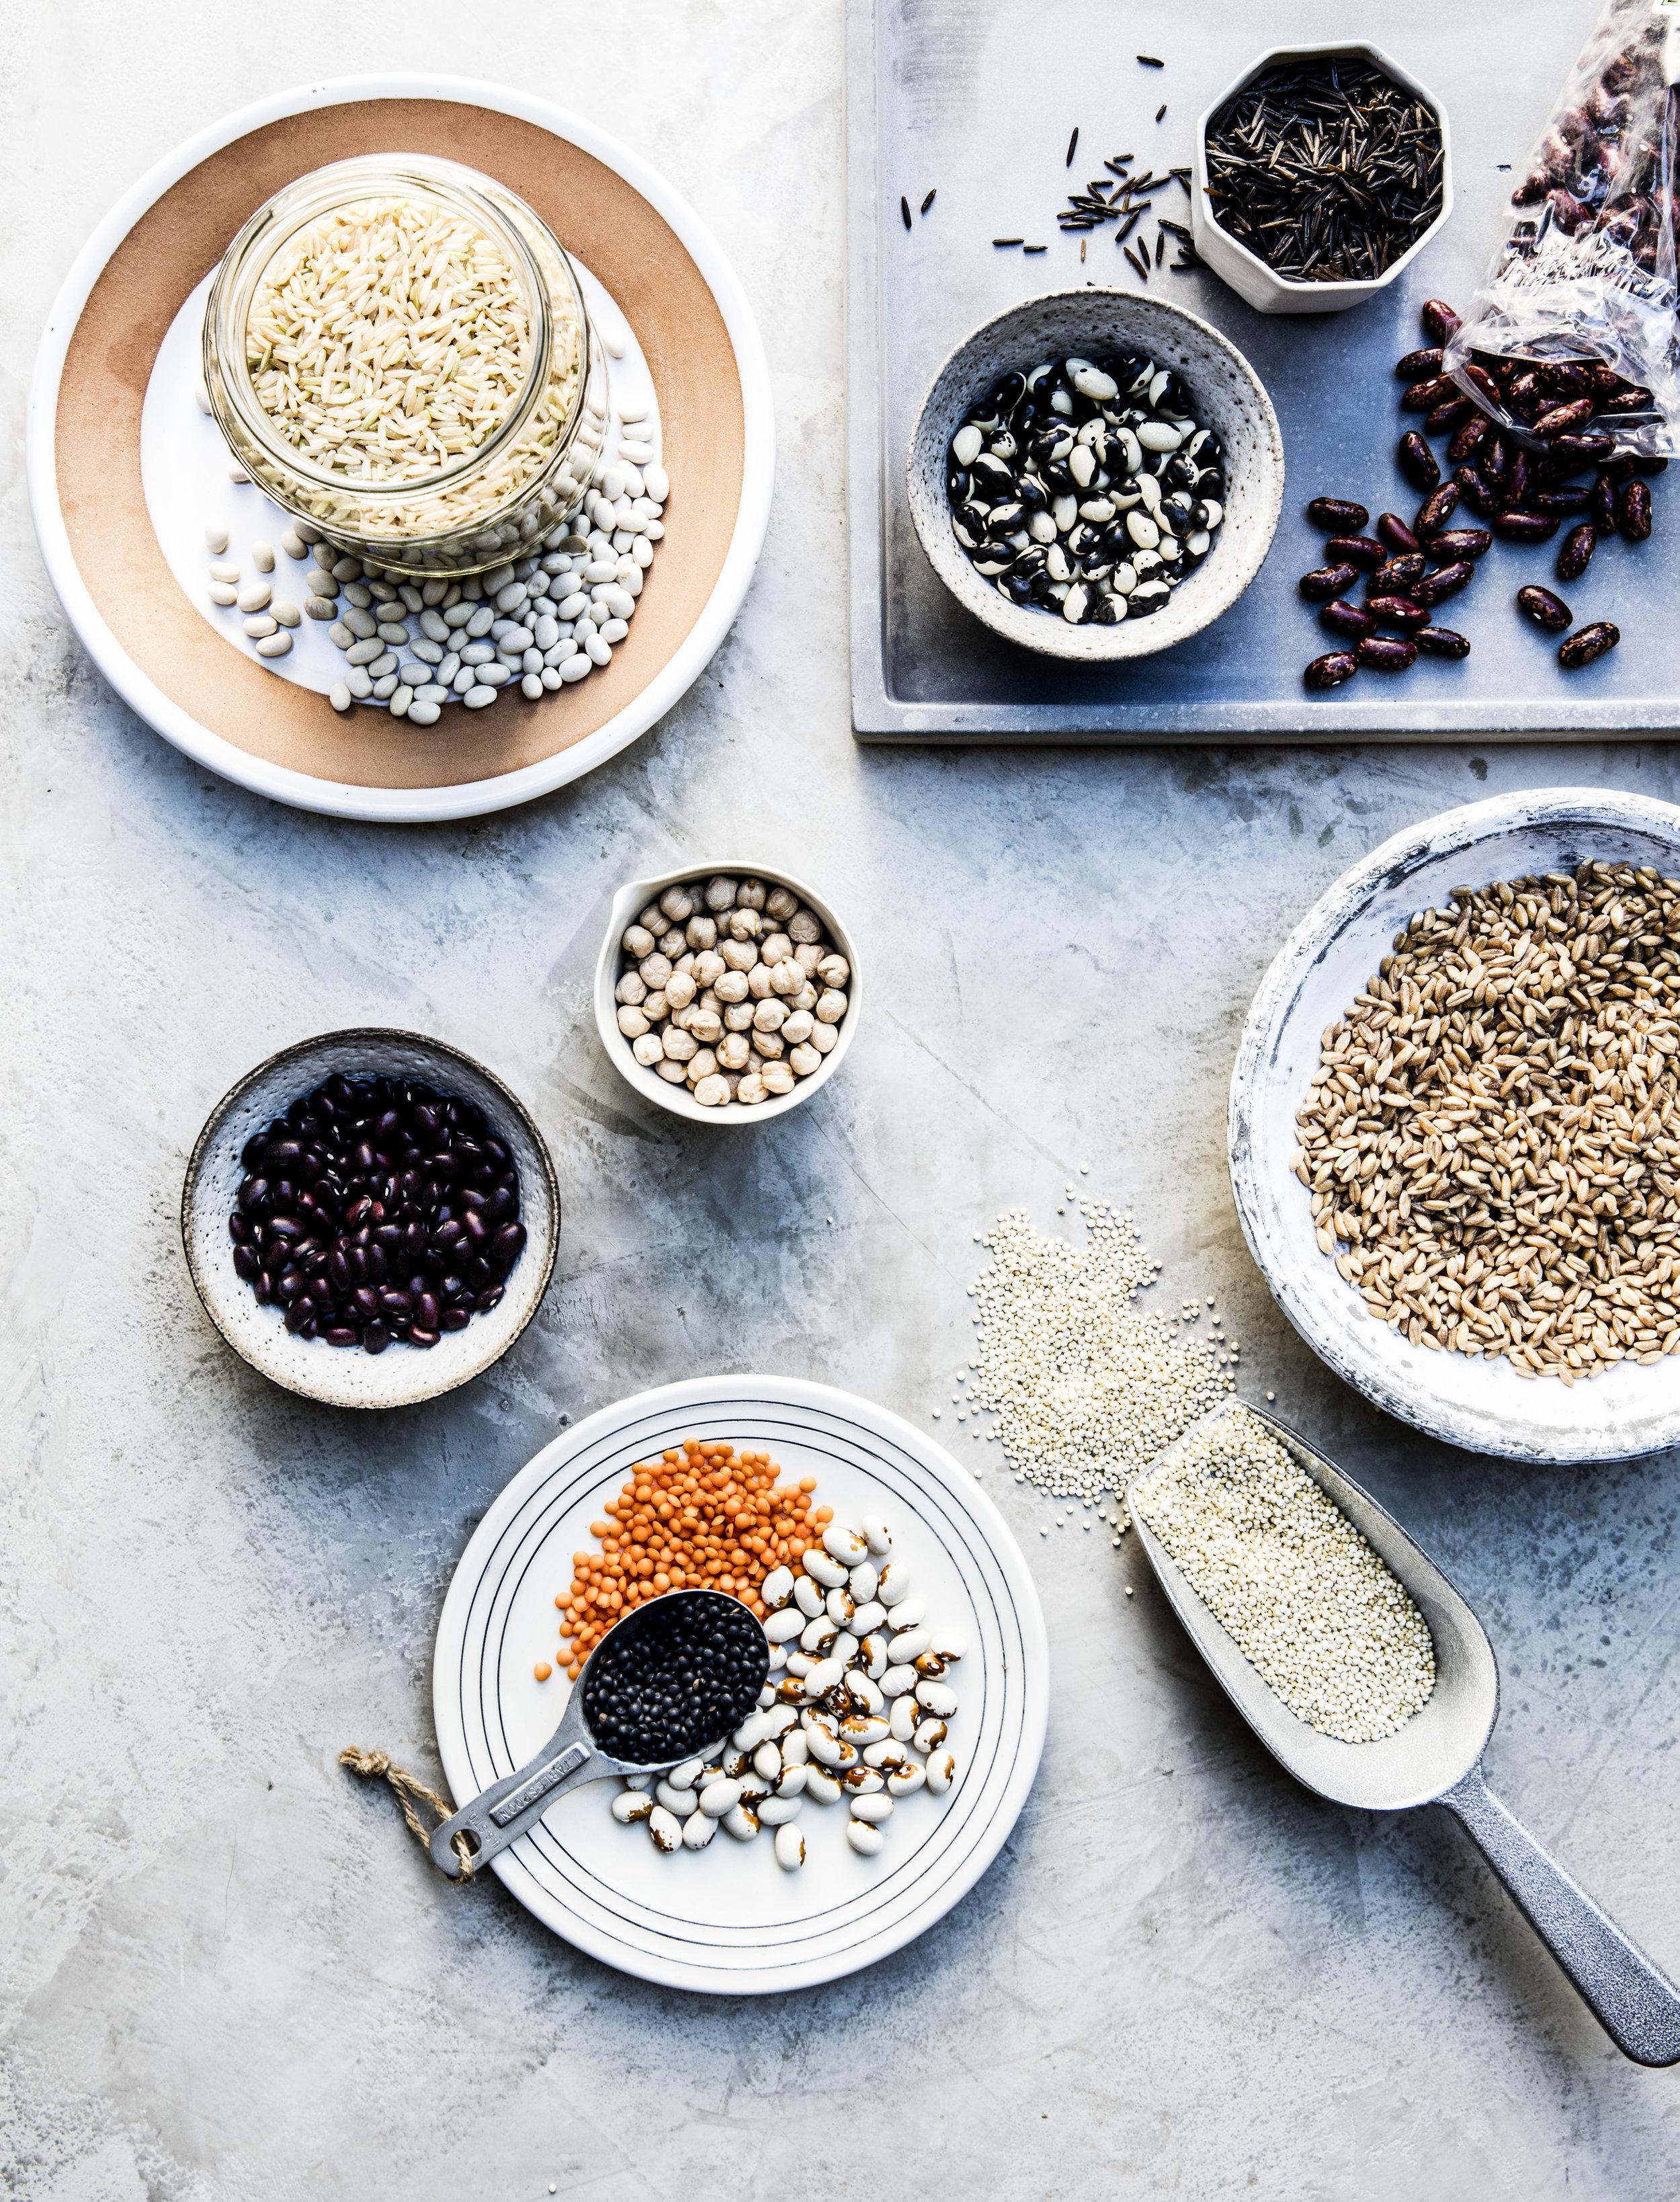 0207-Kass-Grains-Legumes-019.jpg